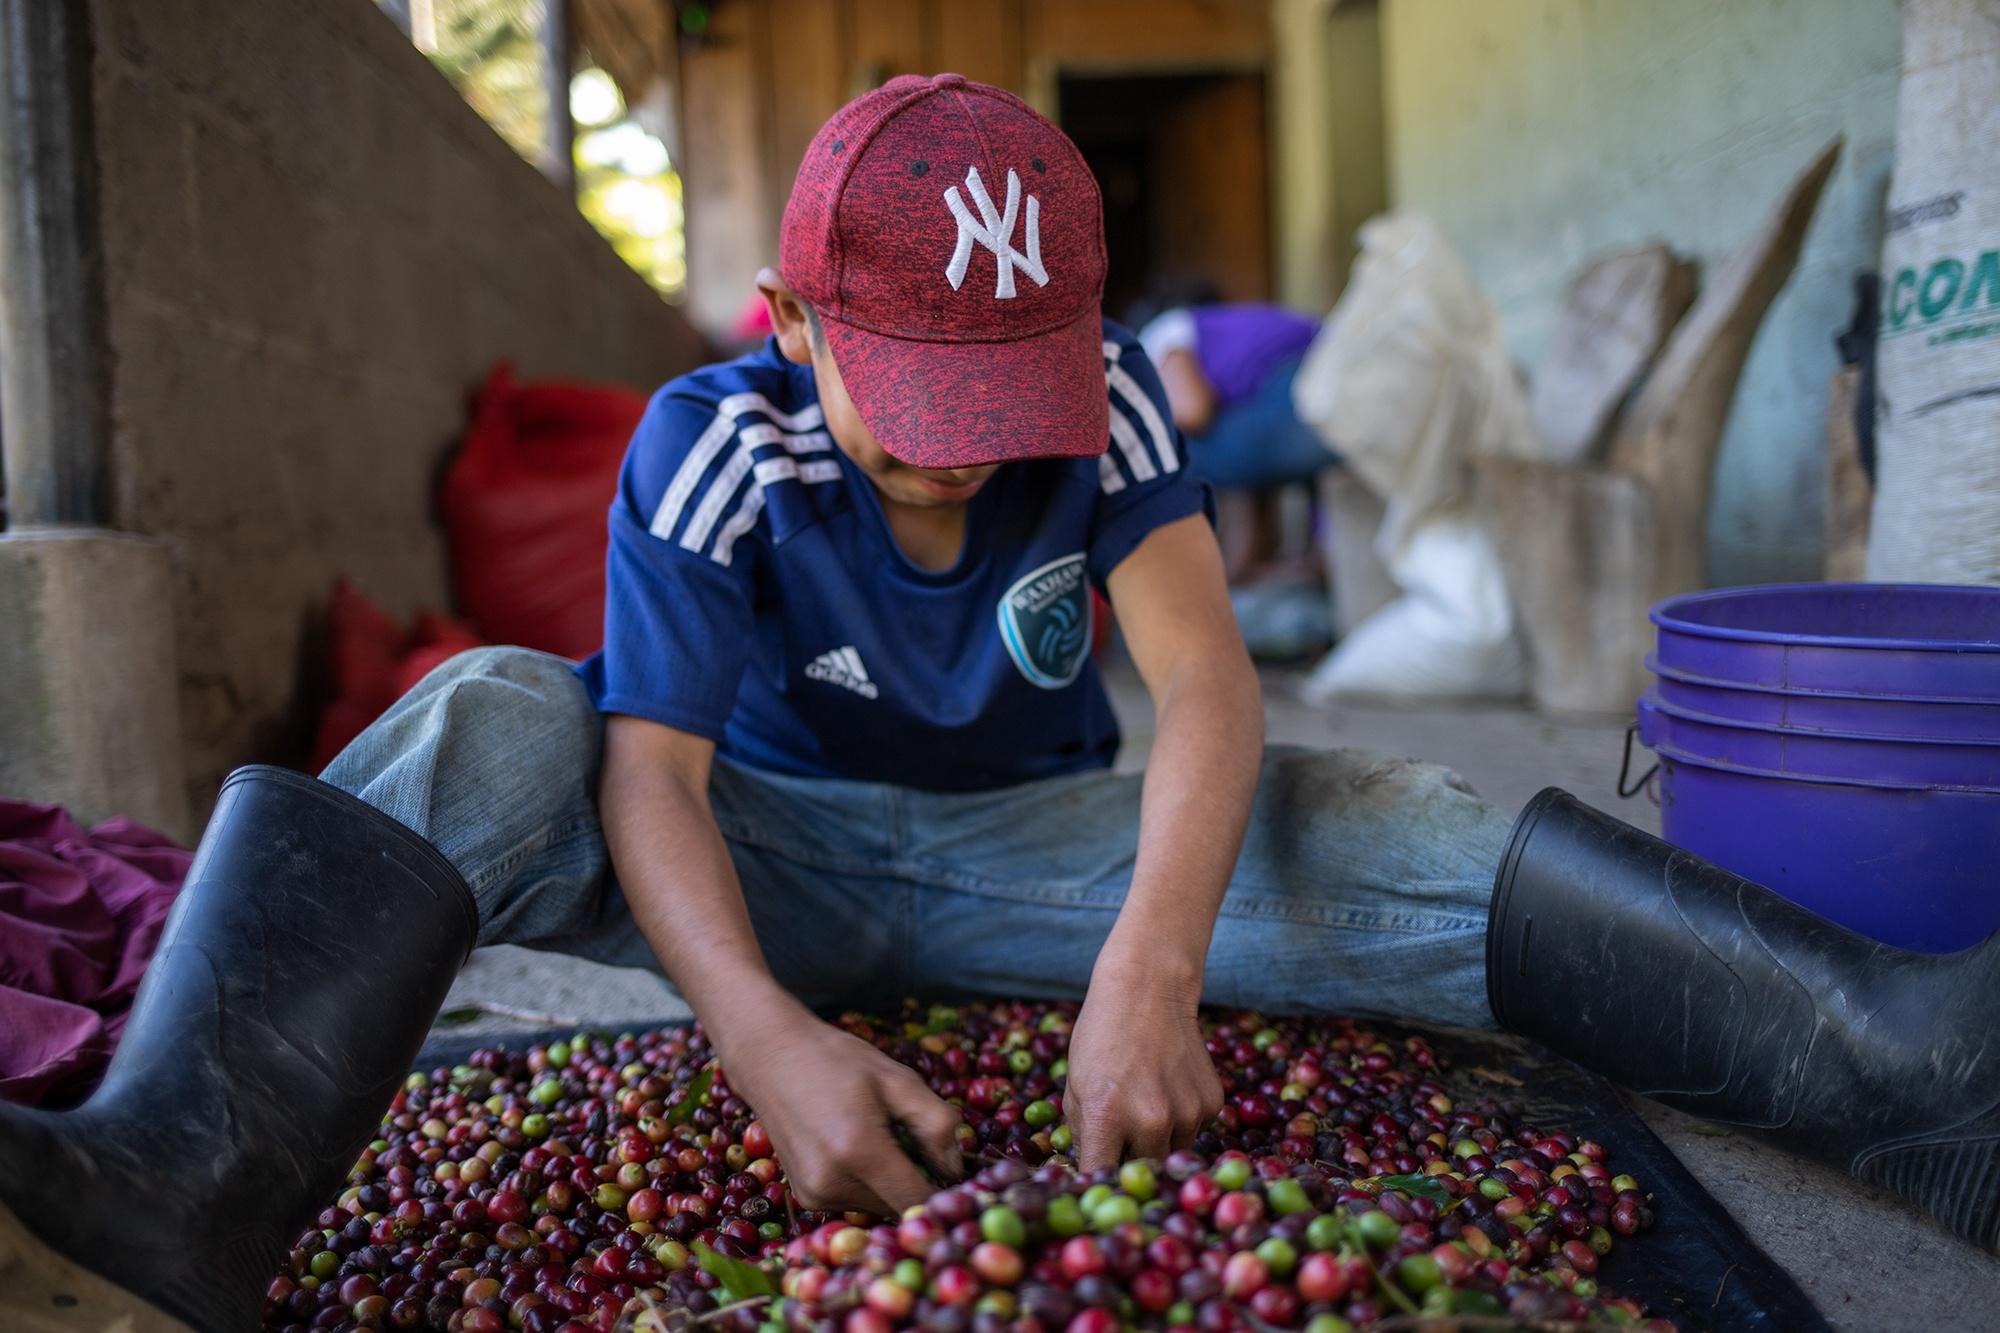 Un niño selecciona café en una finca de Corquín en el departamento de Copán. Su trabajo consiste en separar los granos maduros de los verdes. Corquín, Copán, 25 de febrero de 2021. Foto: Martín Cálix.